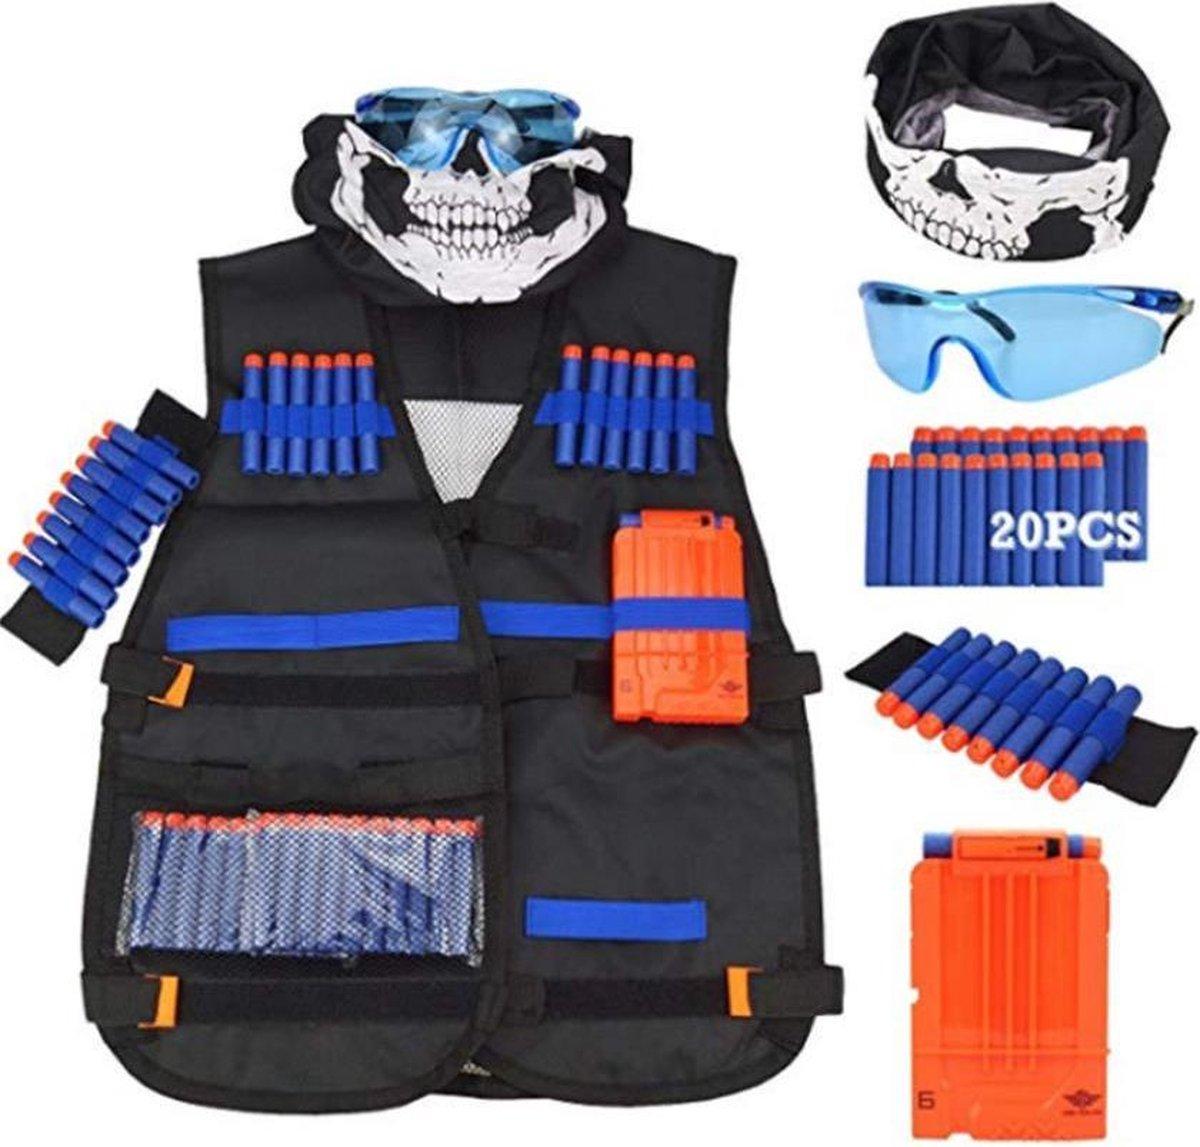 NERF vest